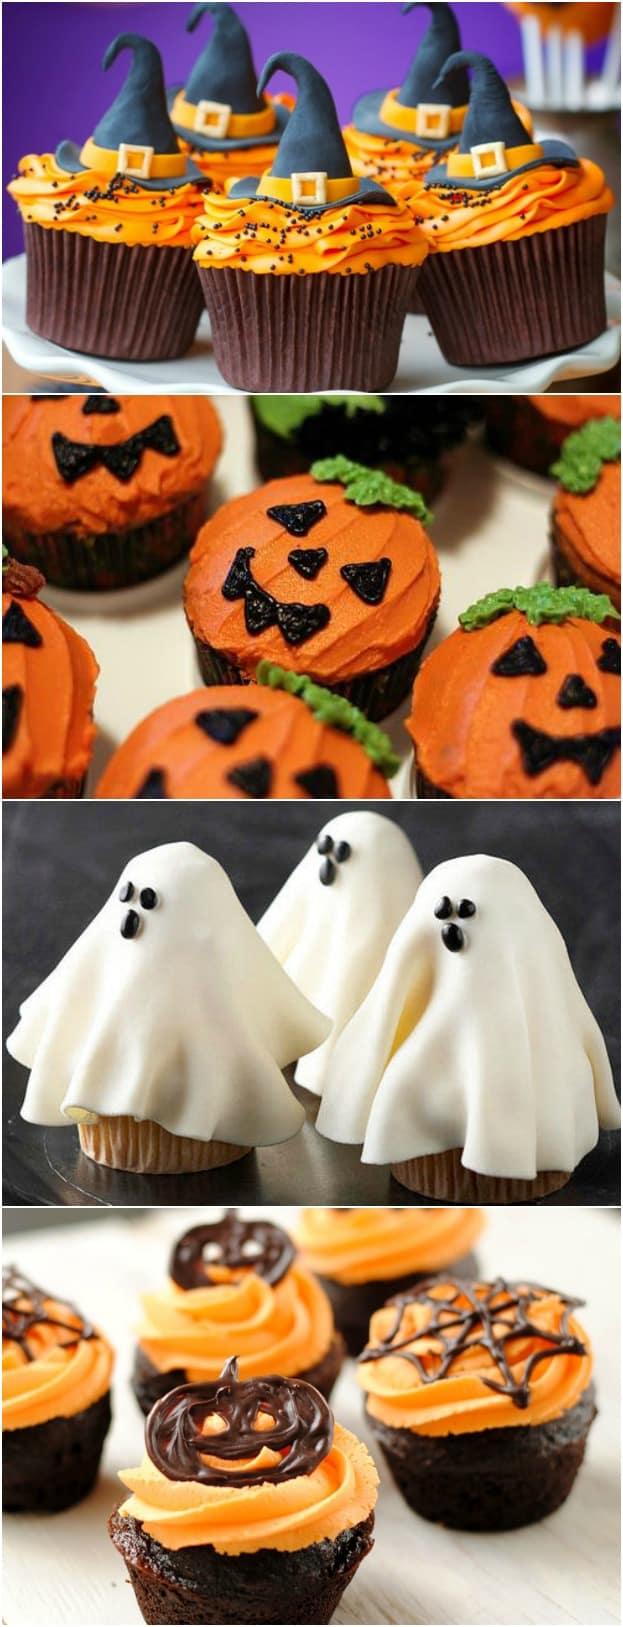 Halloween Night : 10 idee per organizzare una festa a tema mostruosa!